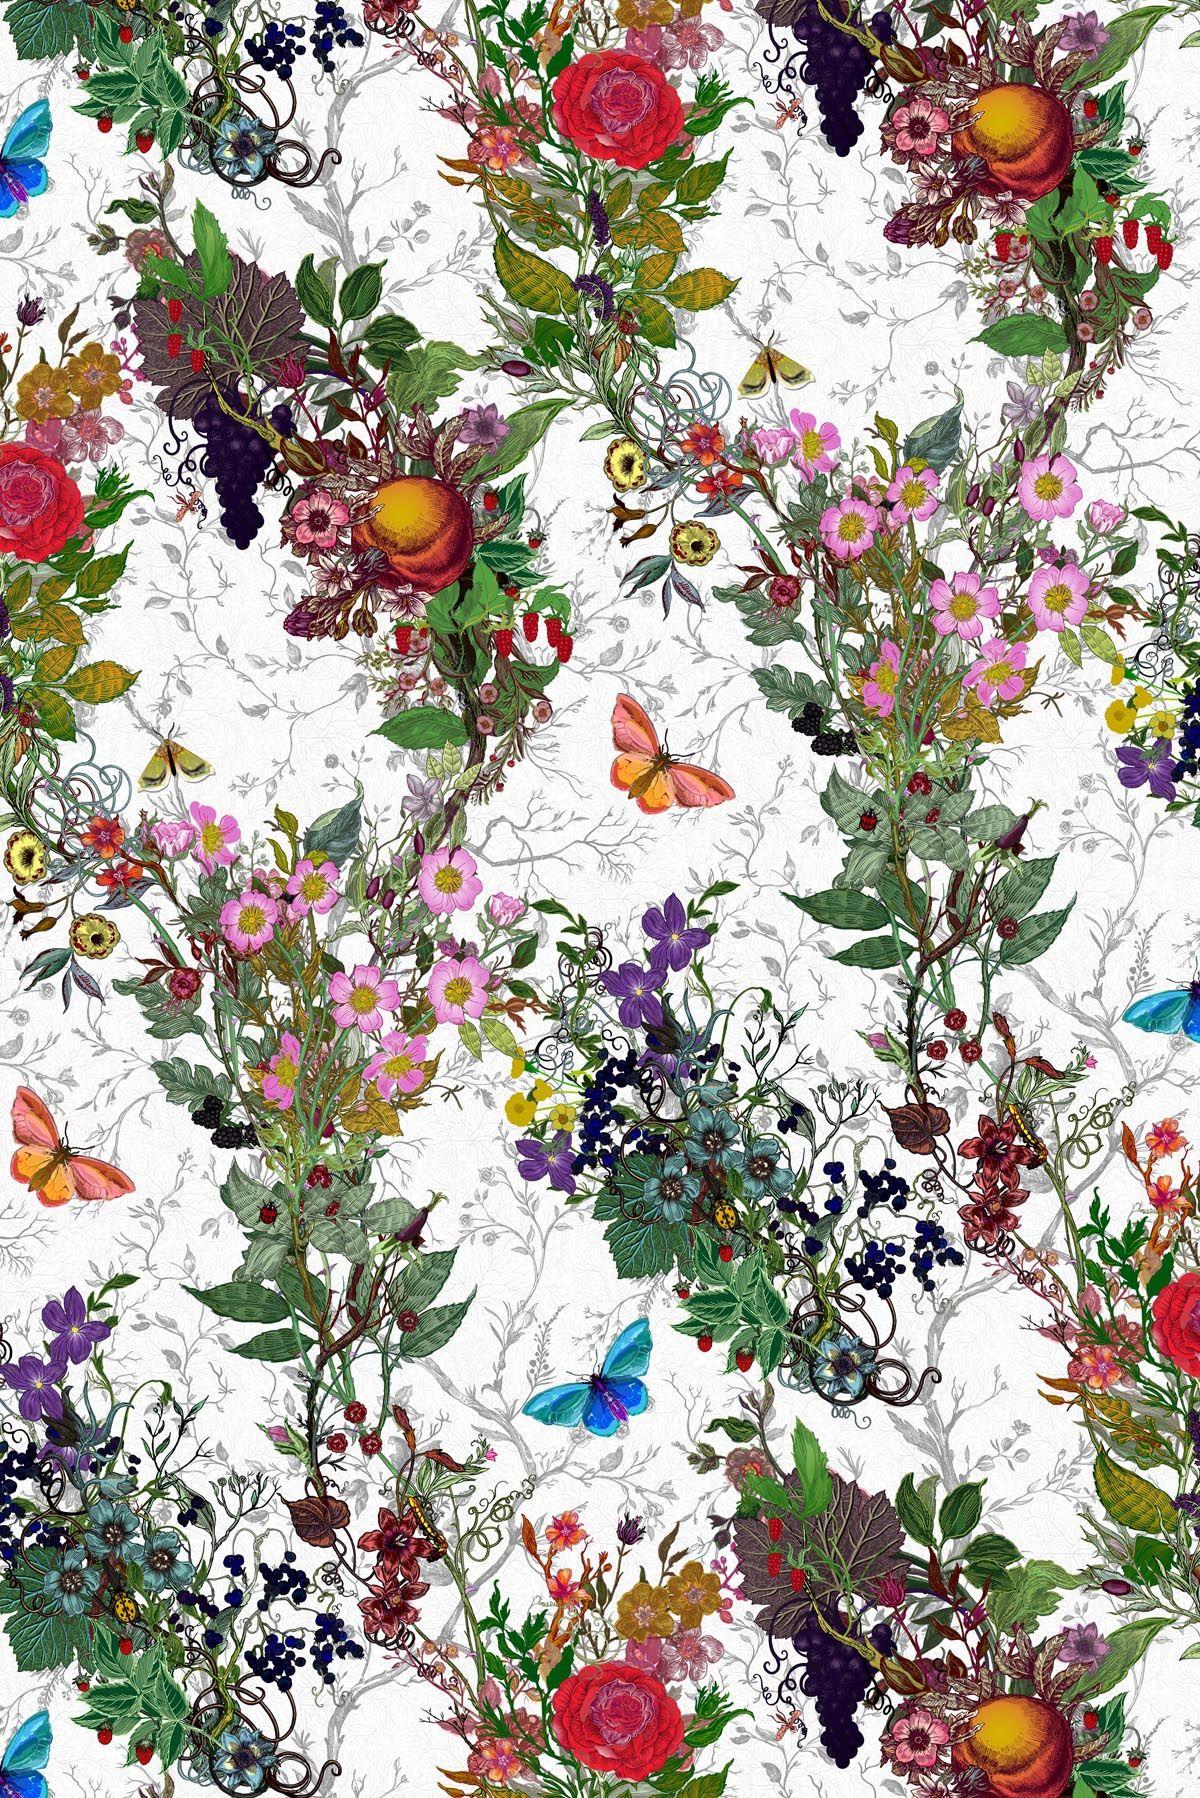 Bloomsbury Garden Wallpaper (Timorous Beasties)